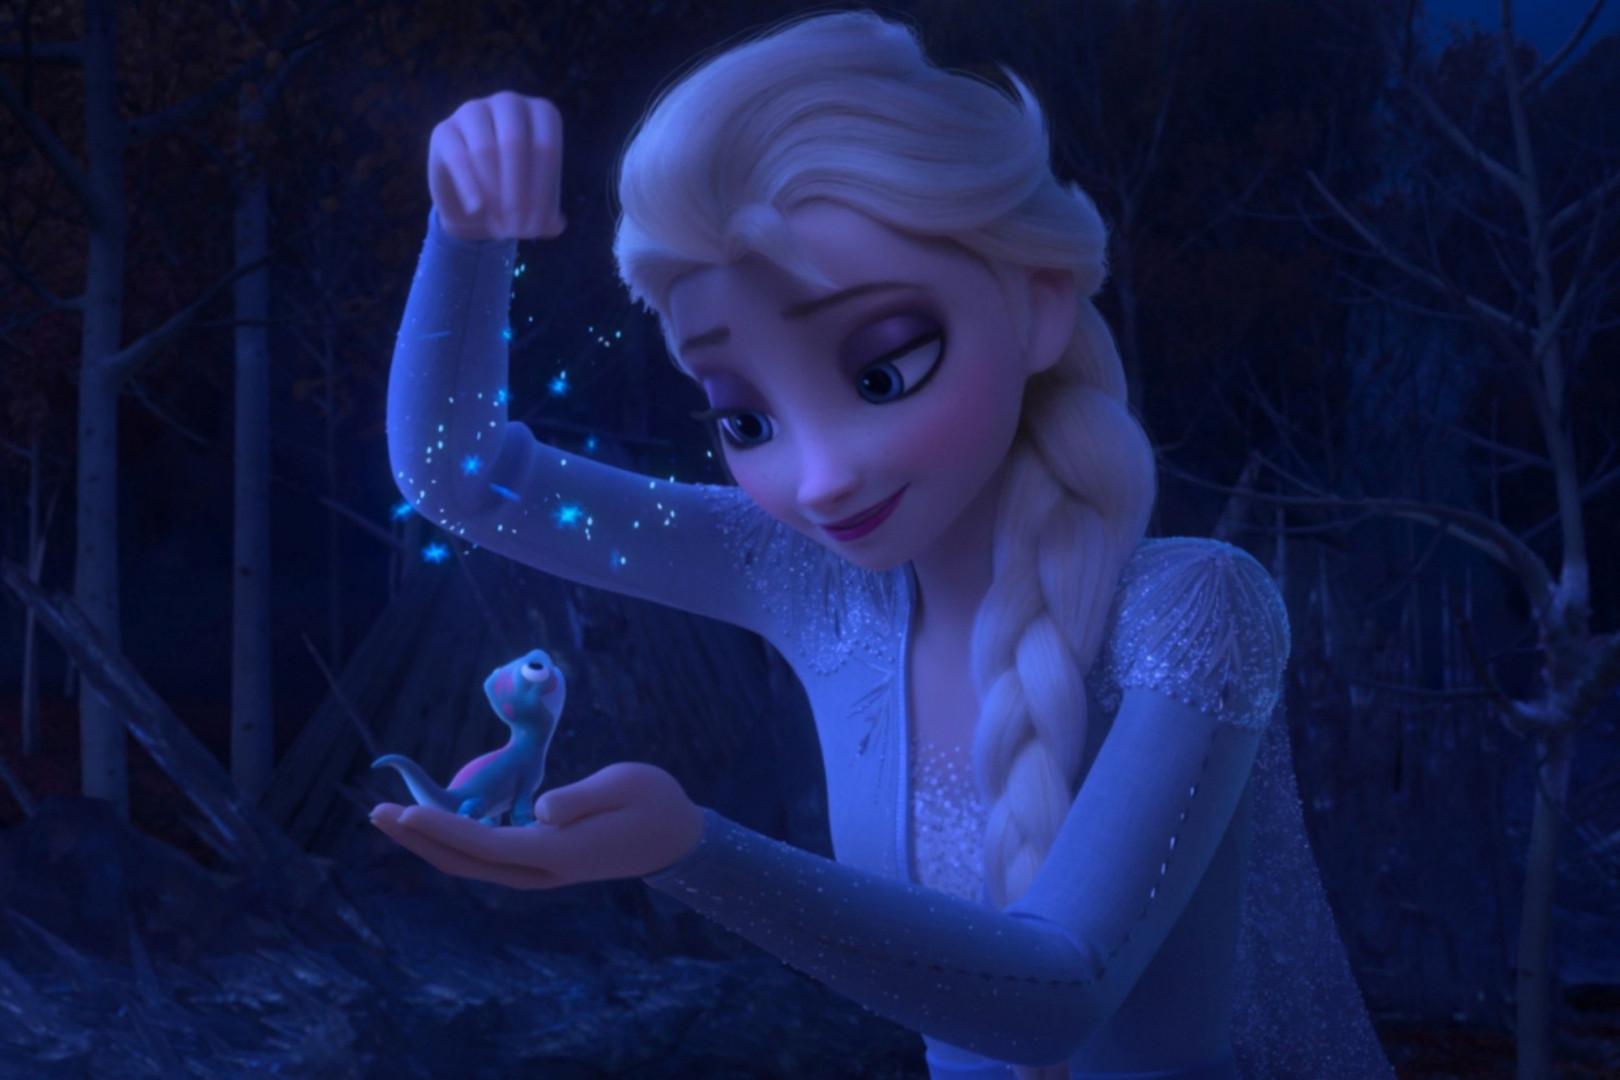 """Elsa dans """"La Reine des Neiges 2"""" pour continuer de chanter dans le froid"""